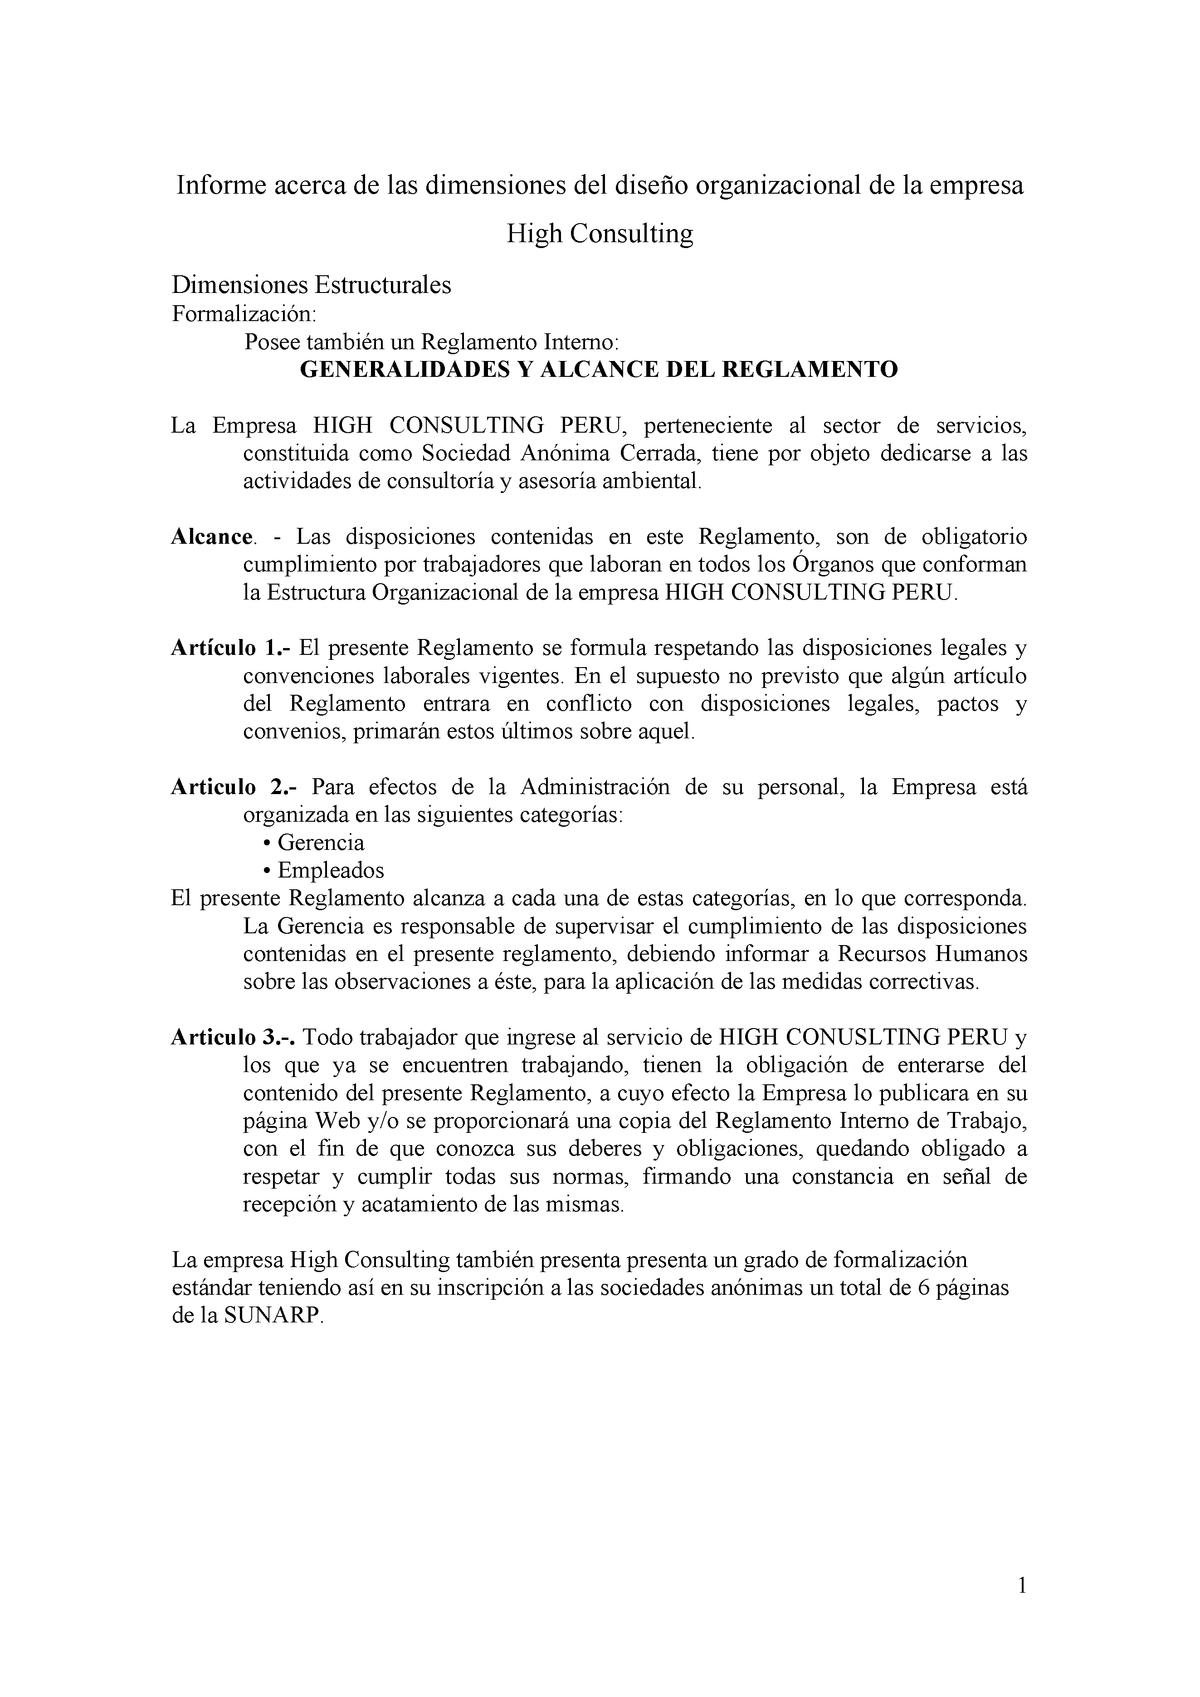 Informe Acerca De Las Dimensiones Del Diseño Organizacional